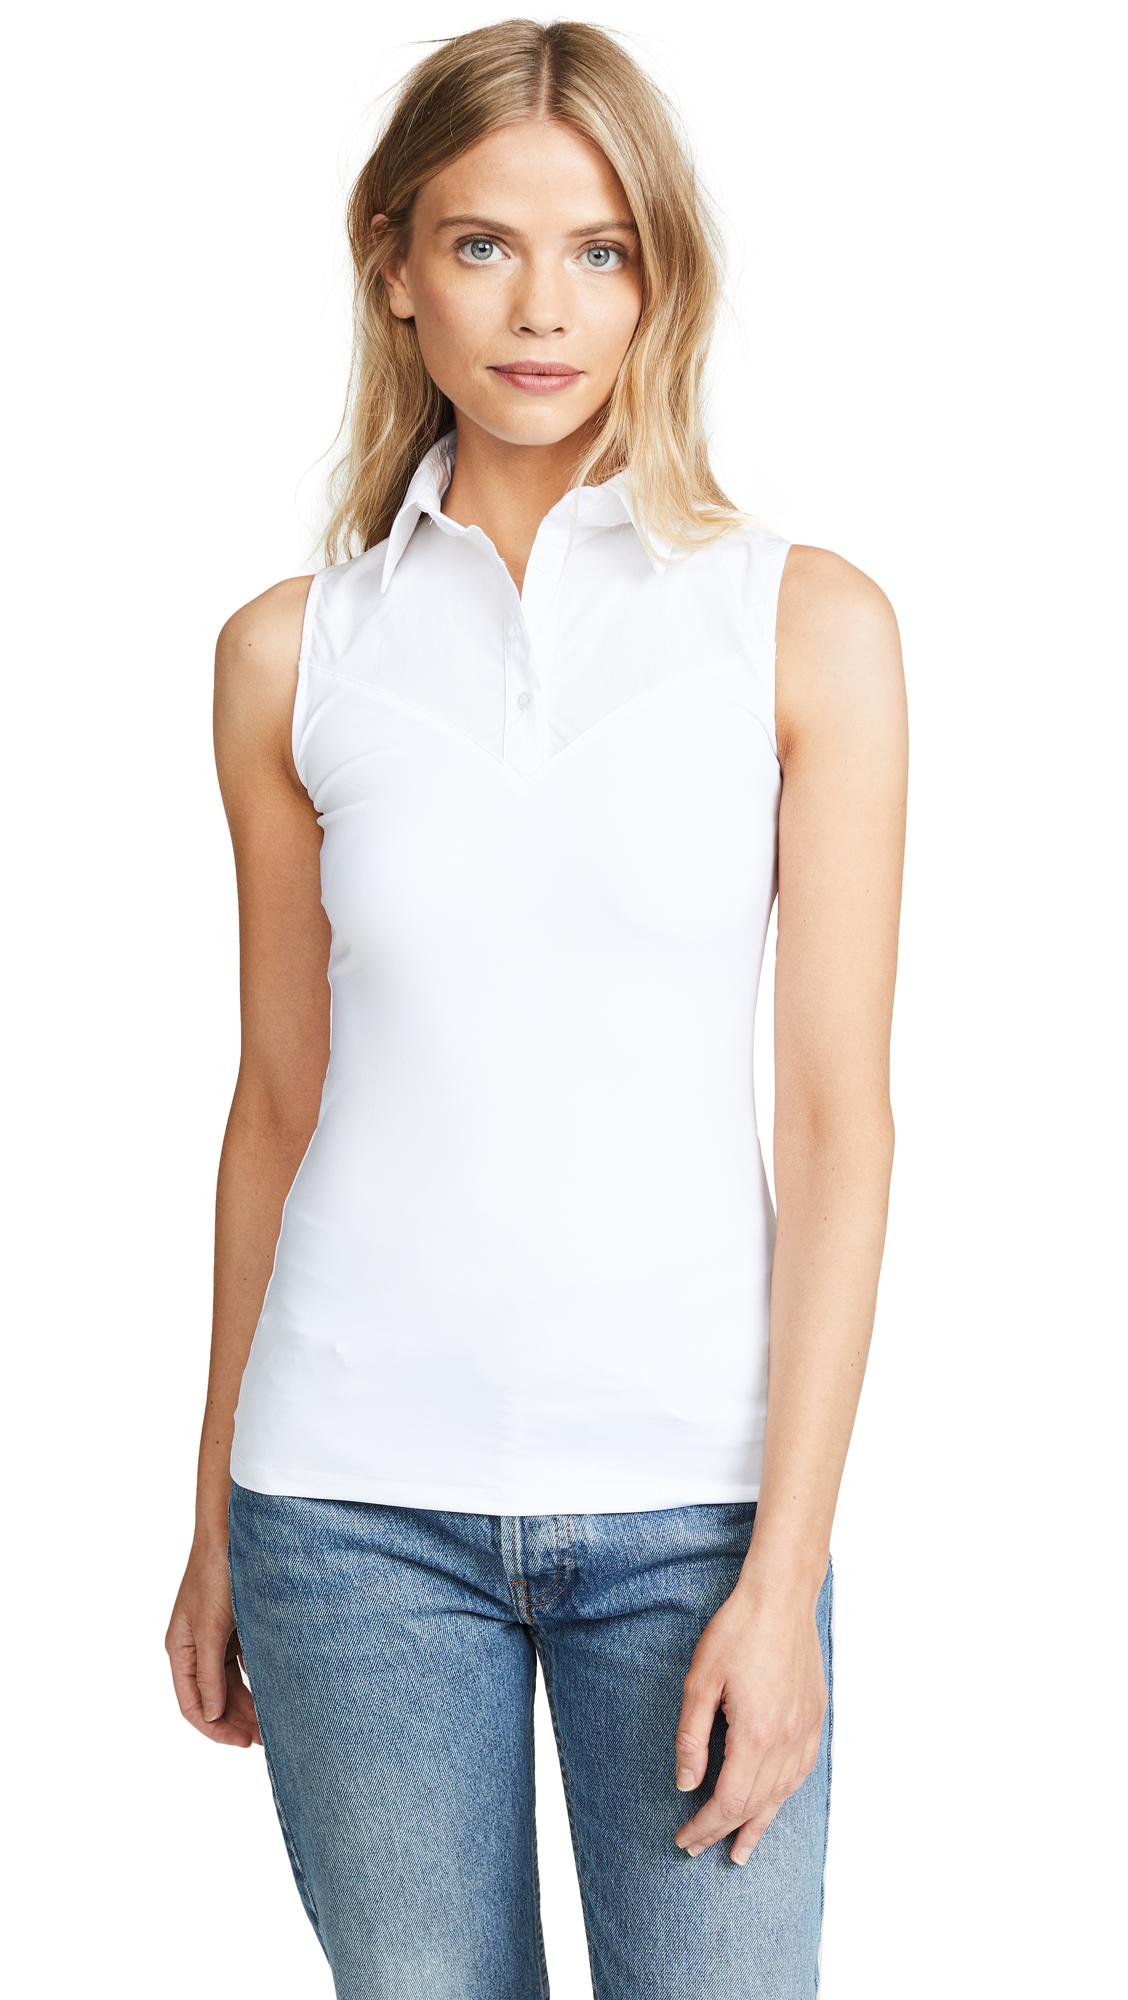 SKINNYSHIRT Classic Collar Shirt In White